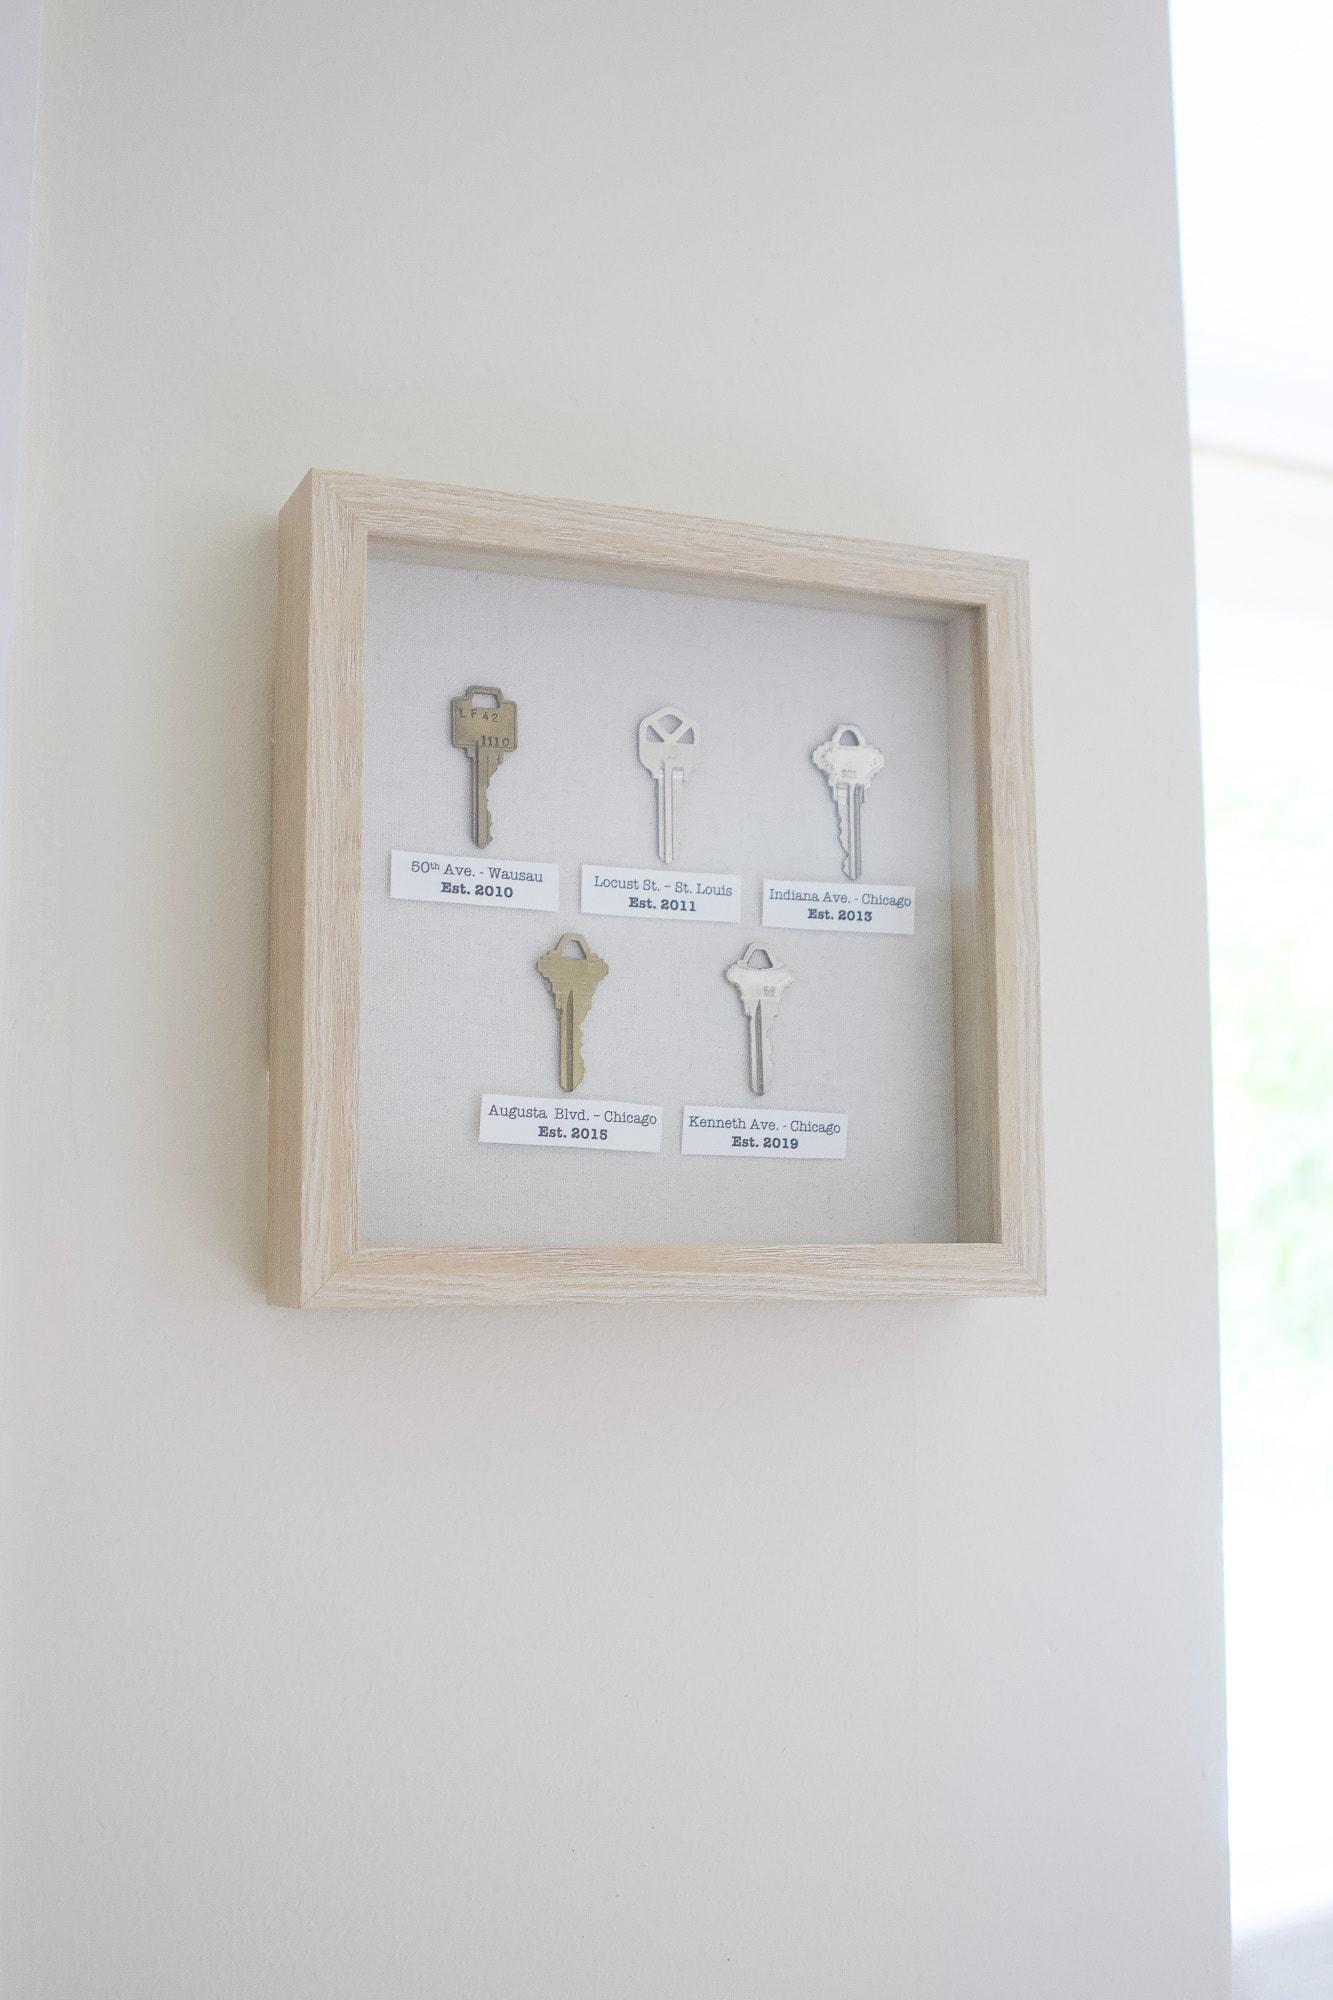 Home key art near the front door